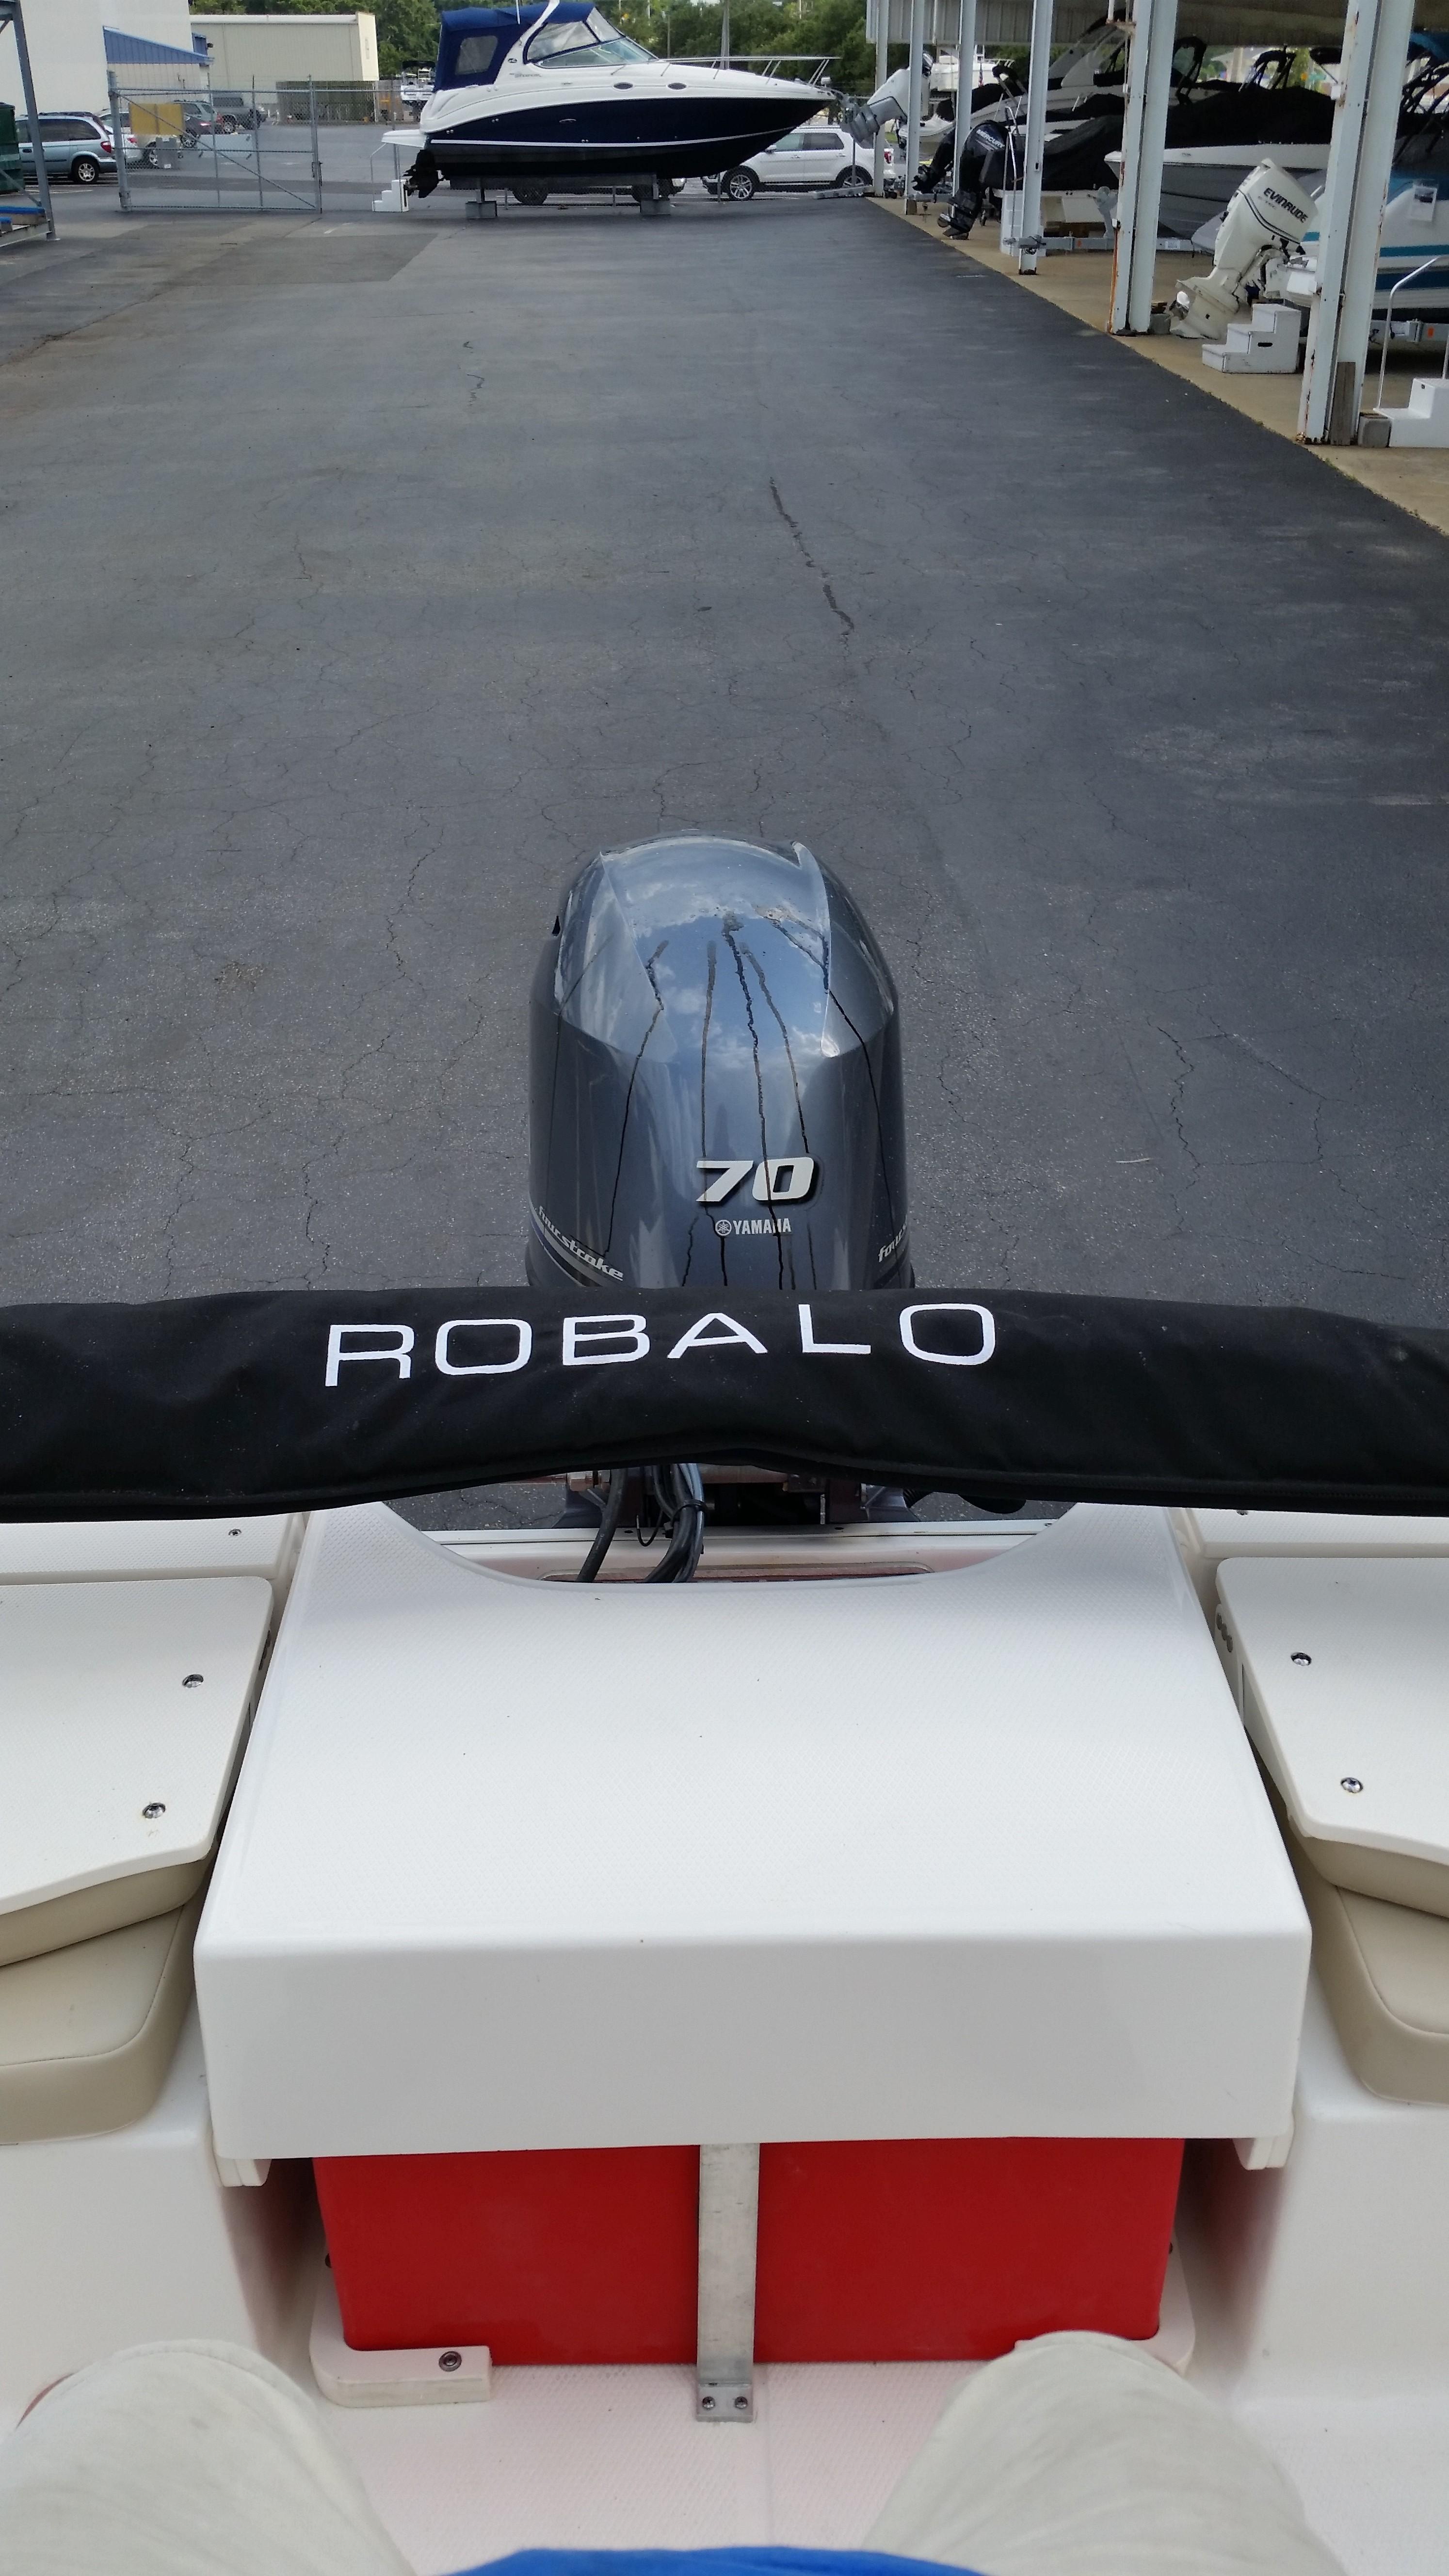 RobaloR160 Center Console